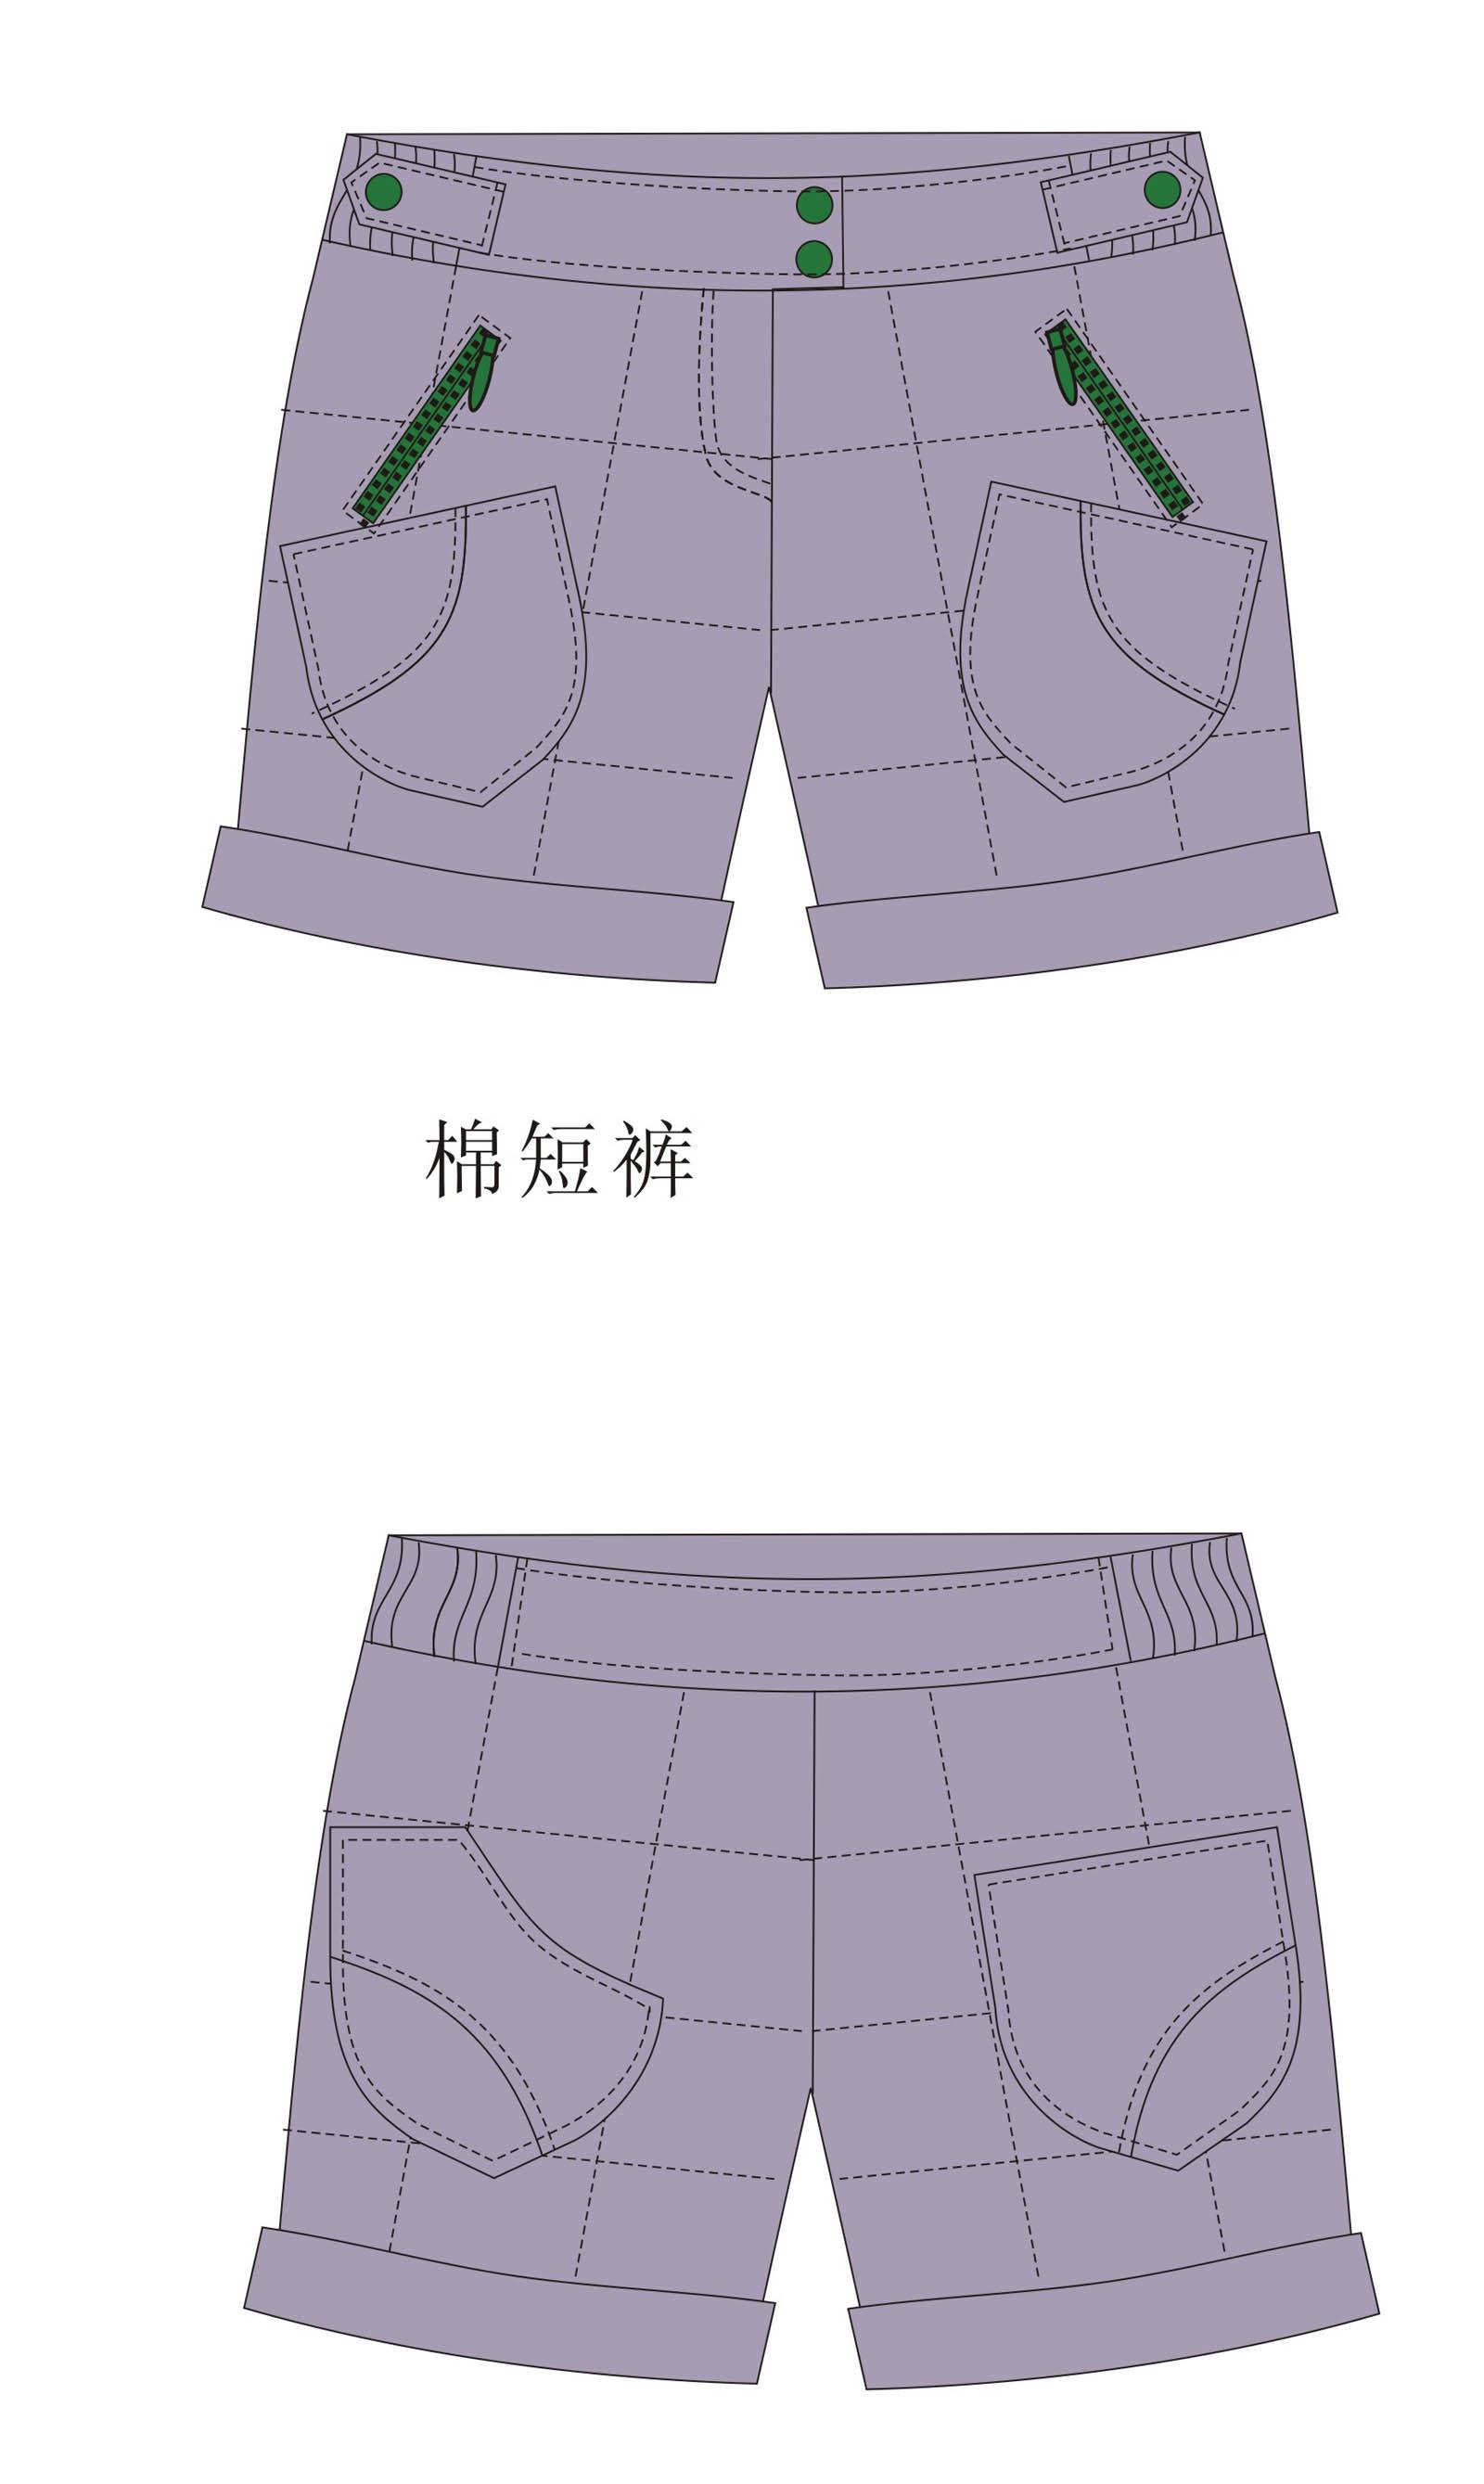 十佳服装设计师梁燕